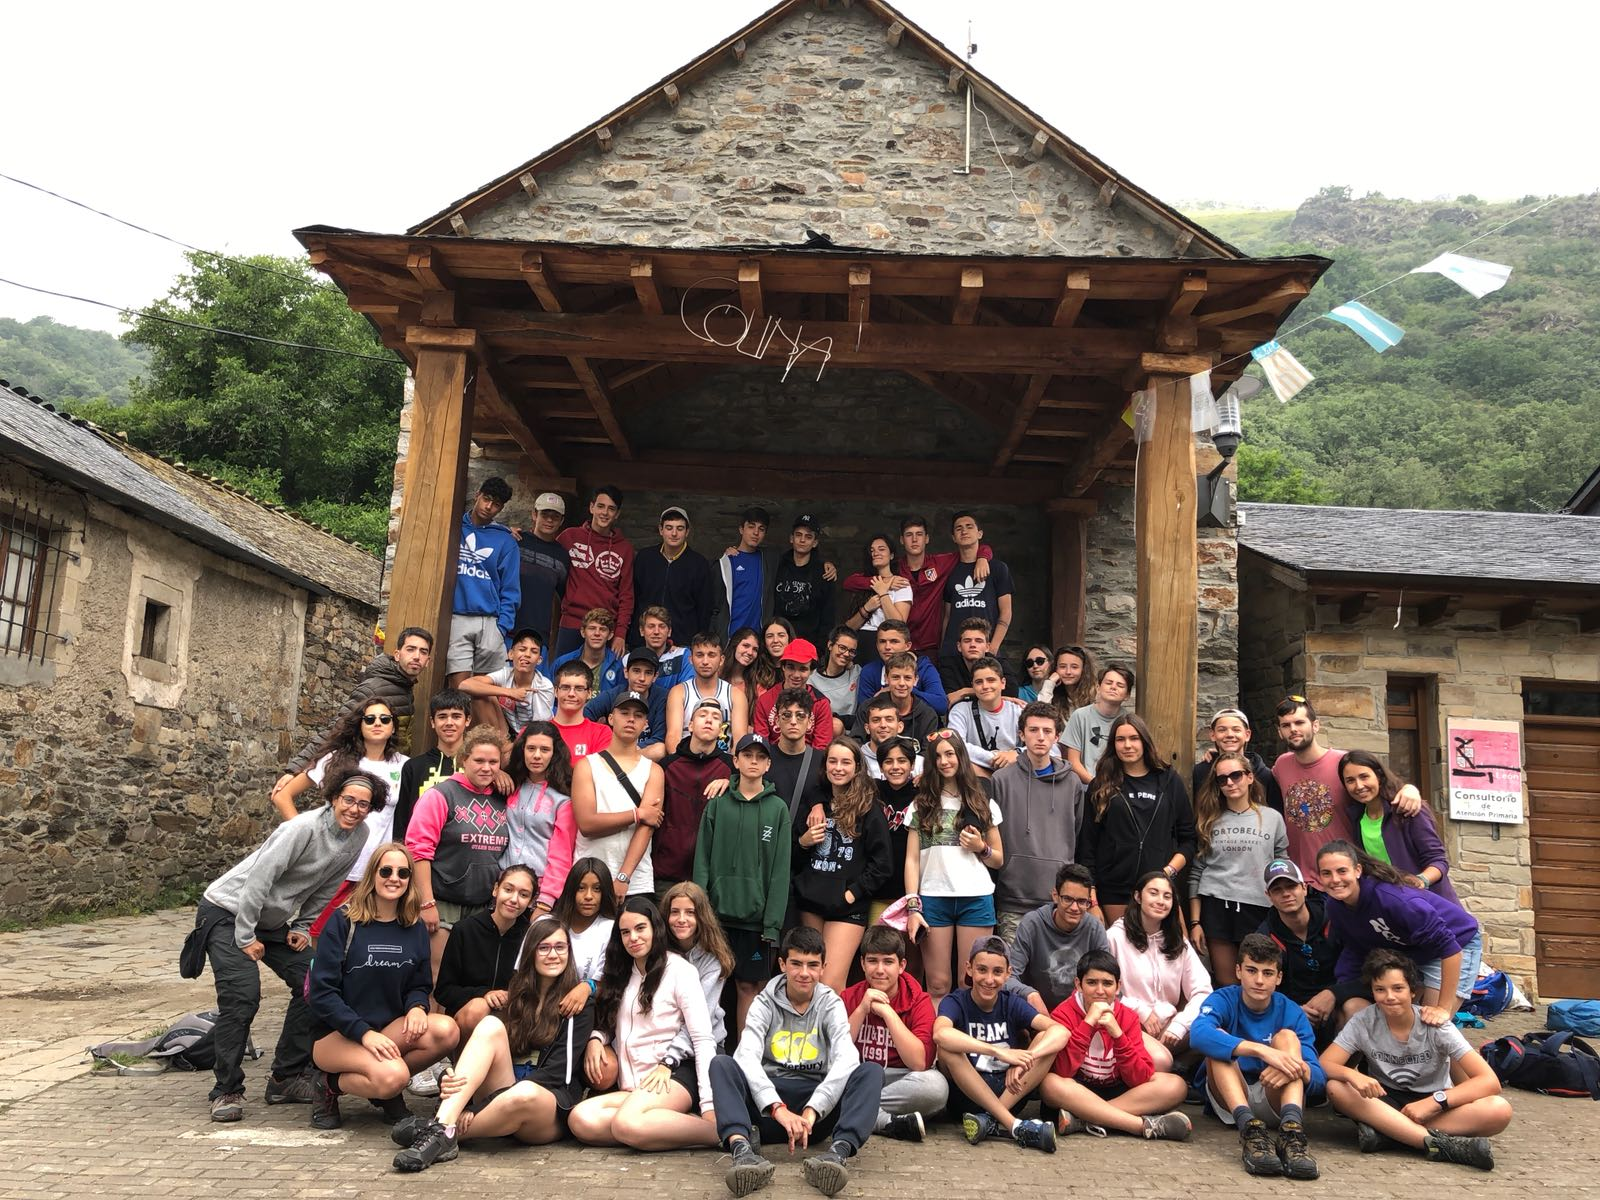 Campamento de verano España visitas culturales turismo rural